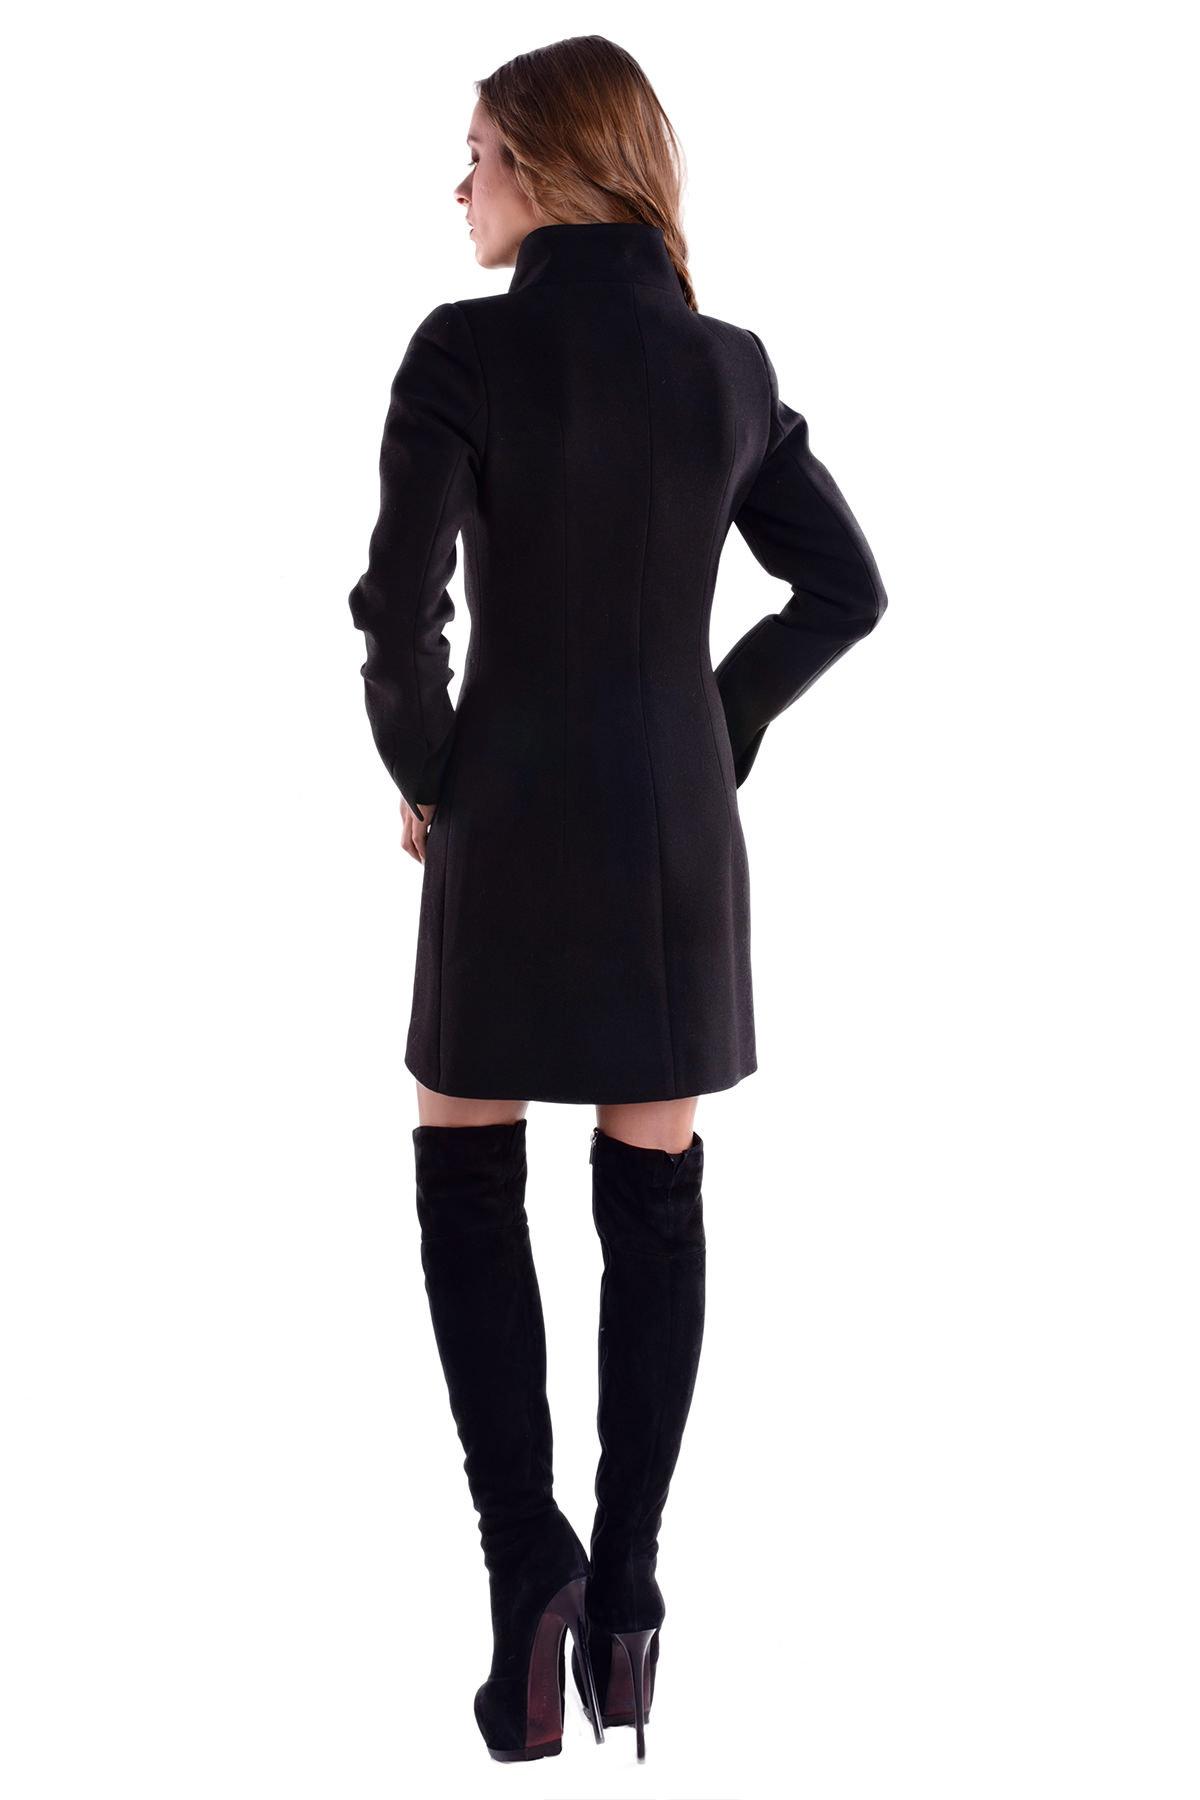 Пальто Эльпассо 4757 Цвет: Черный